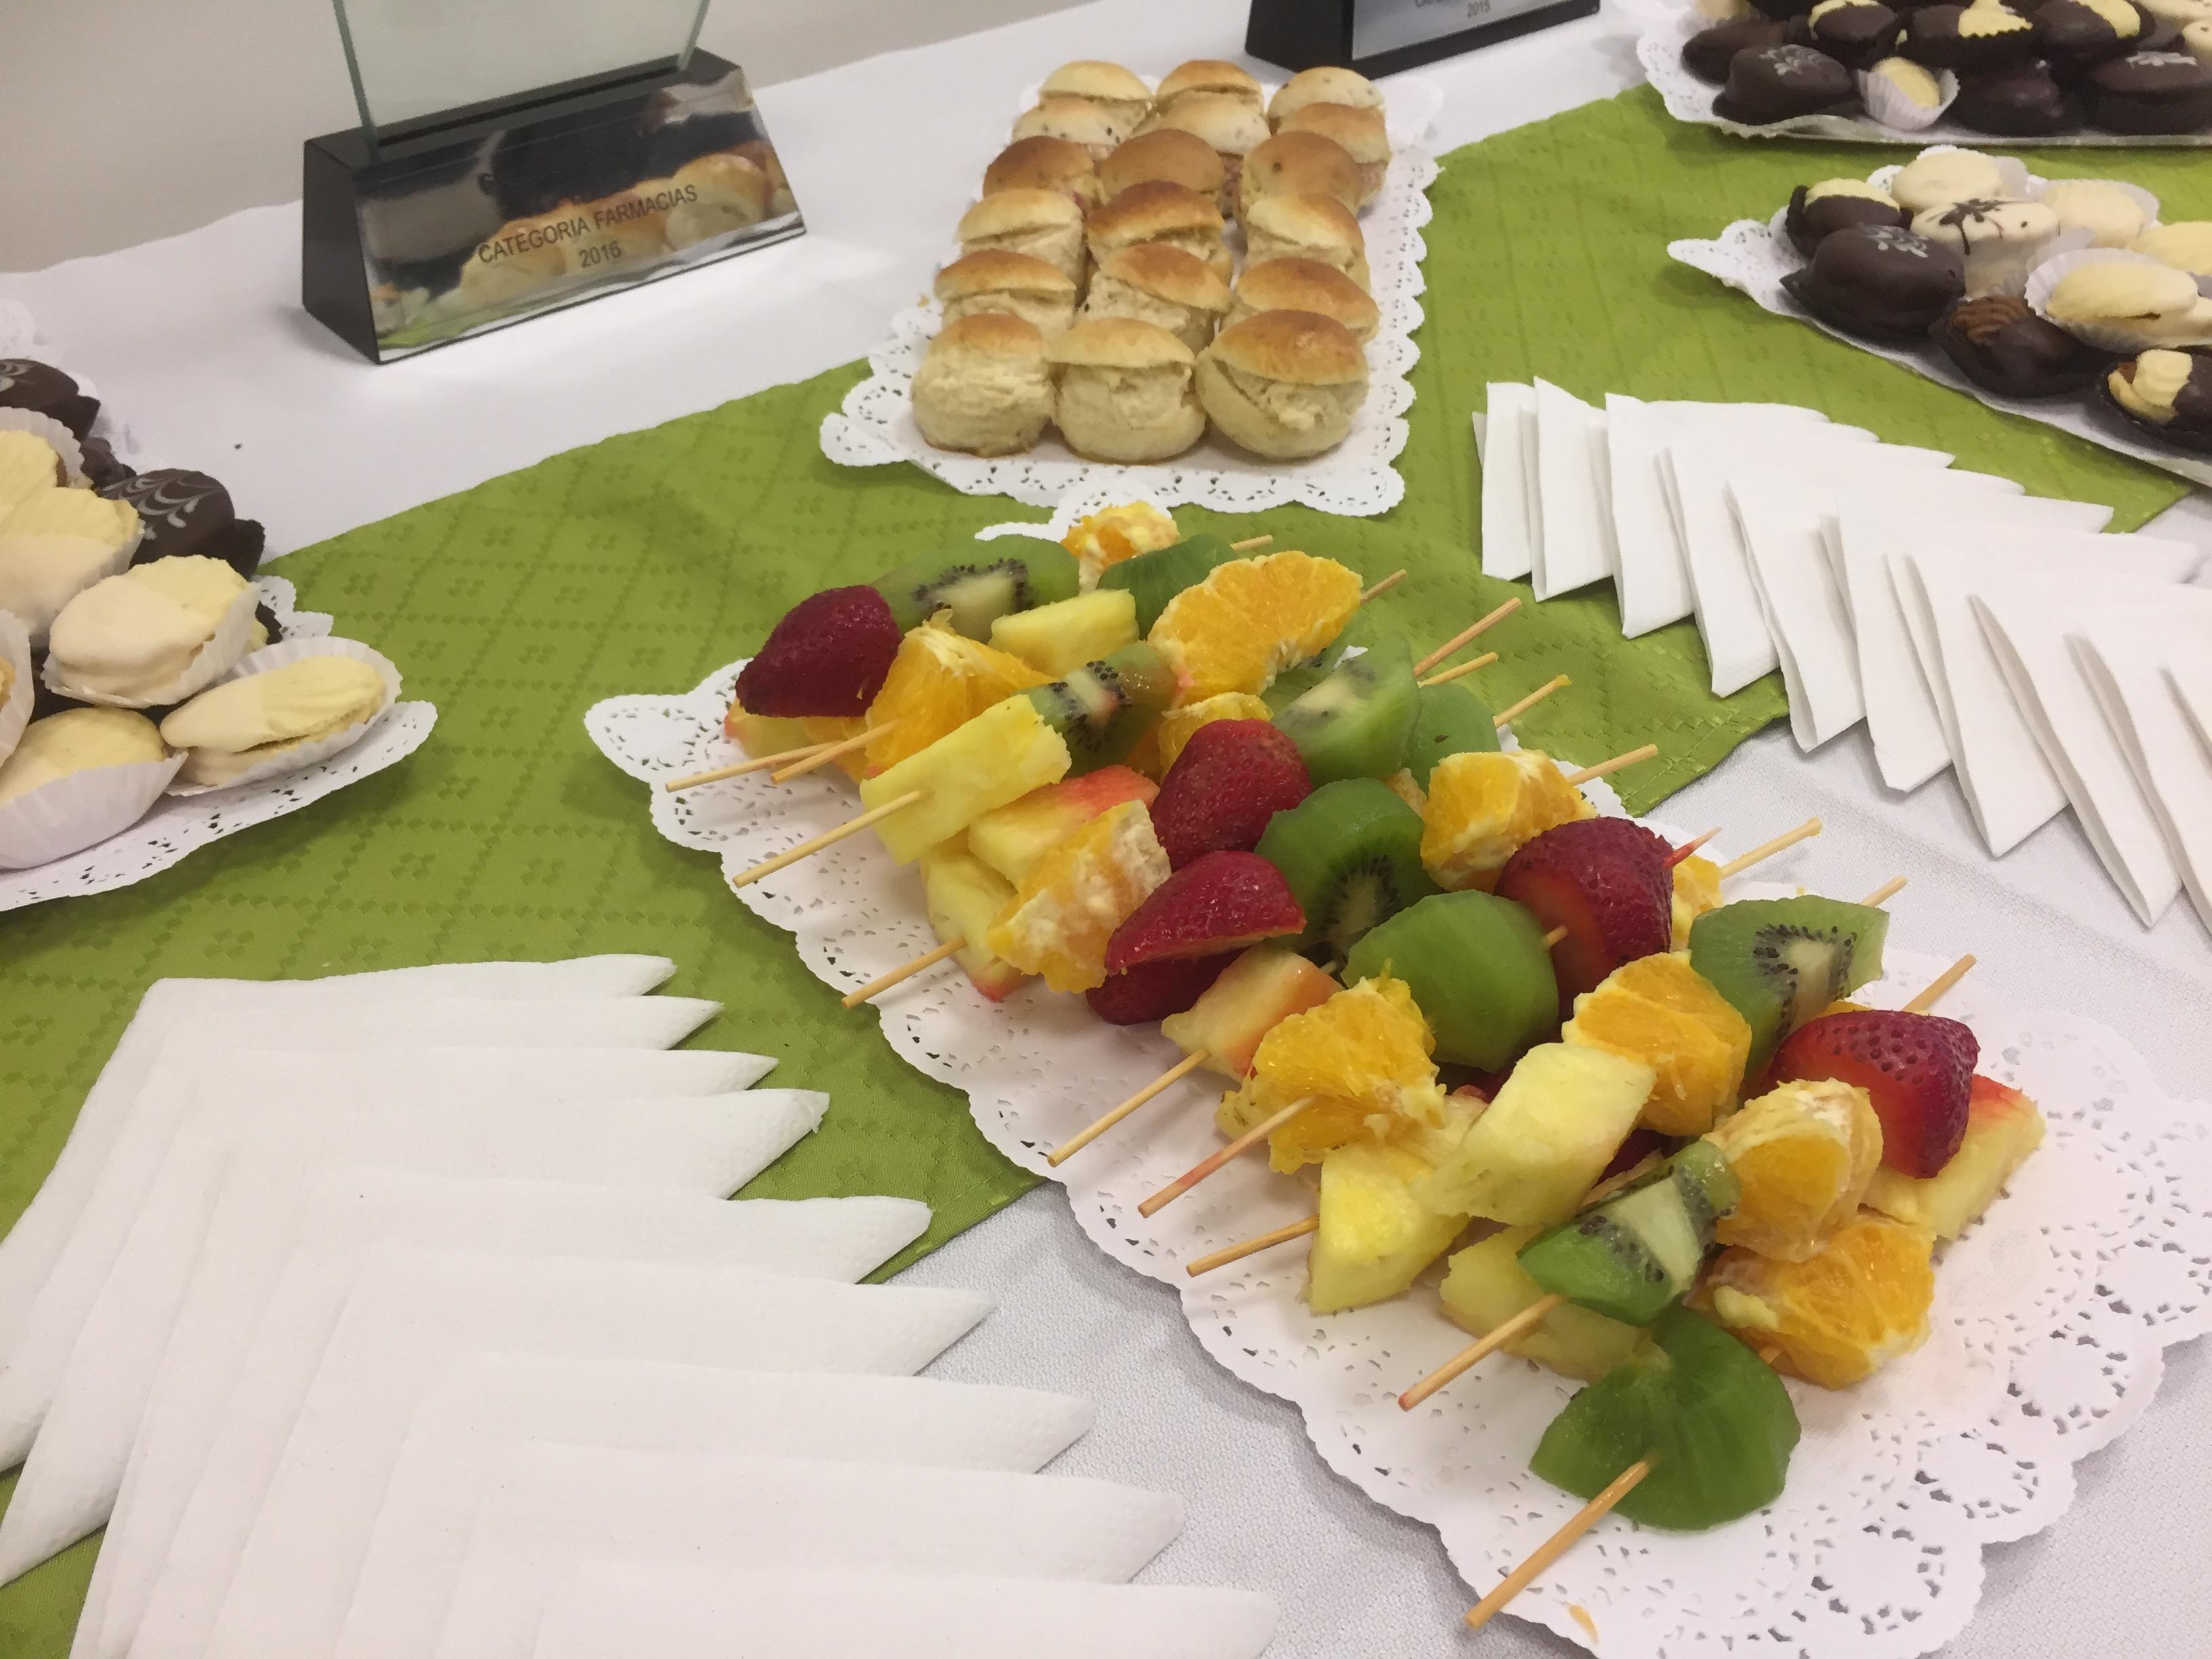 desayuno-para-empresa-banqueteria-florence-0002